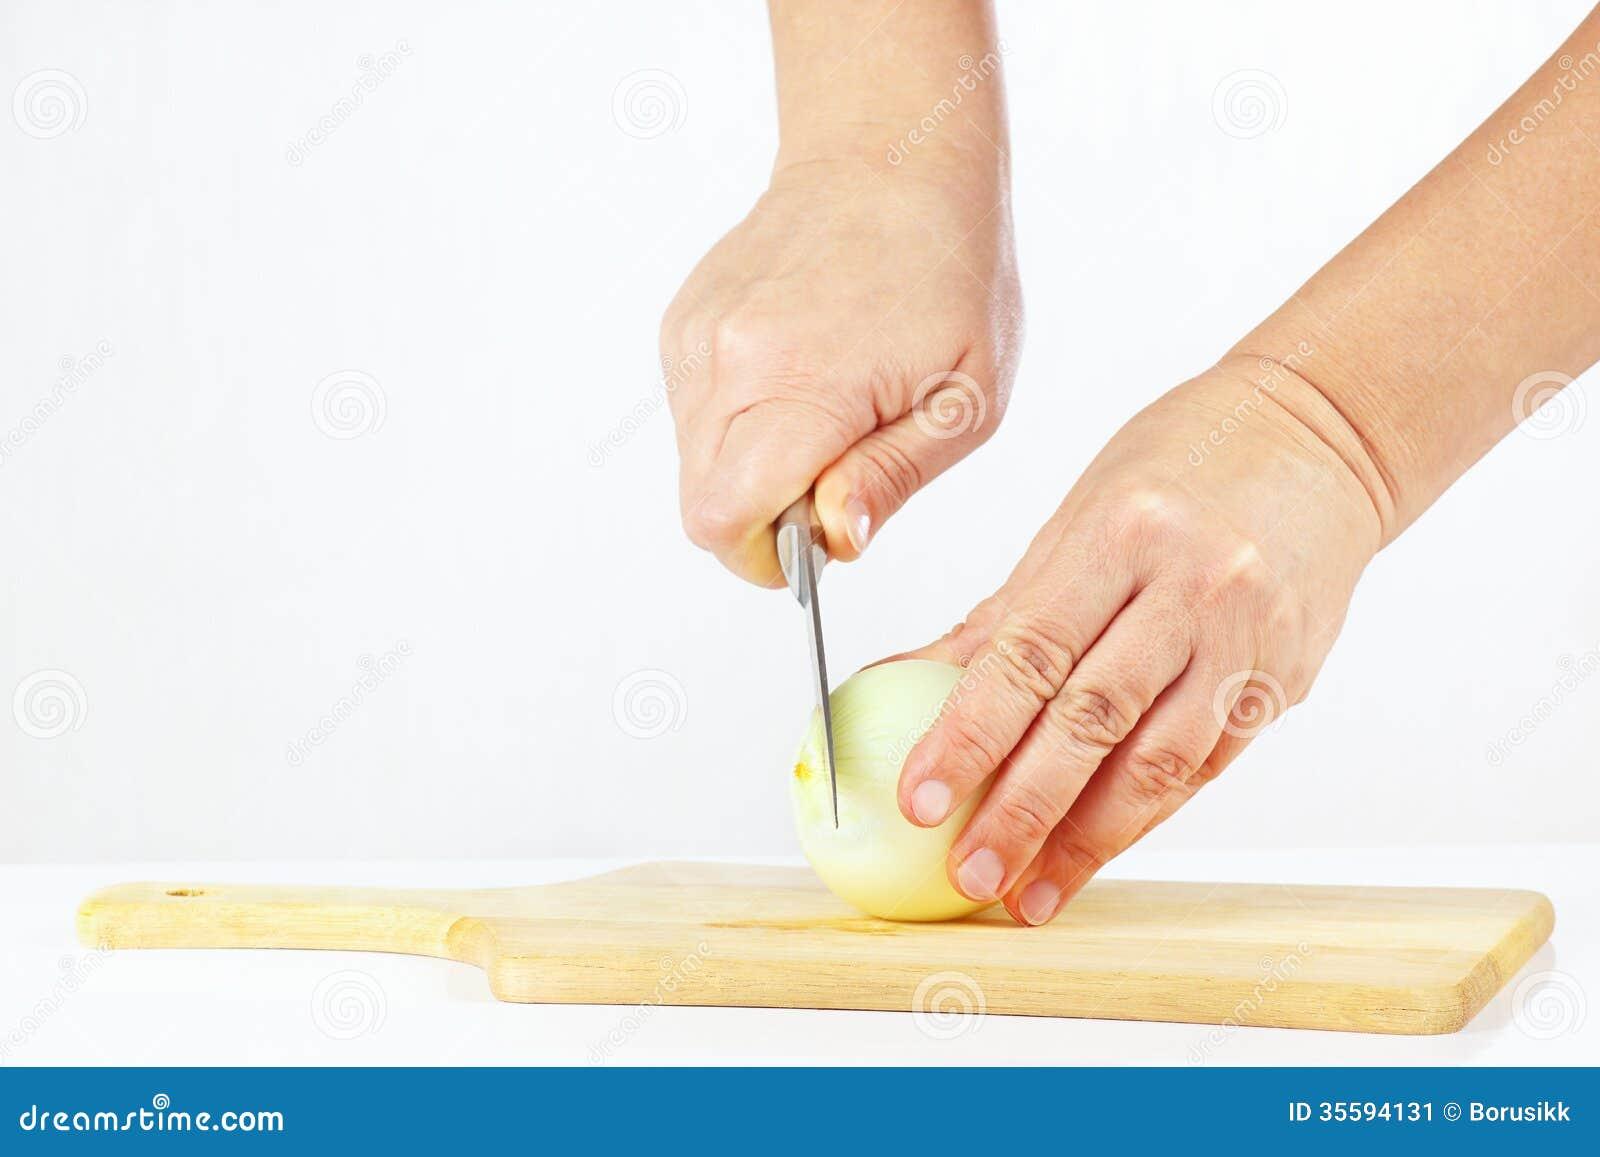 切了手的照片_有刀子的手切未加工的葱